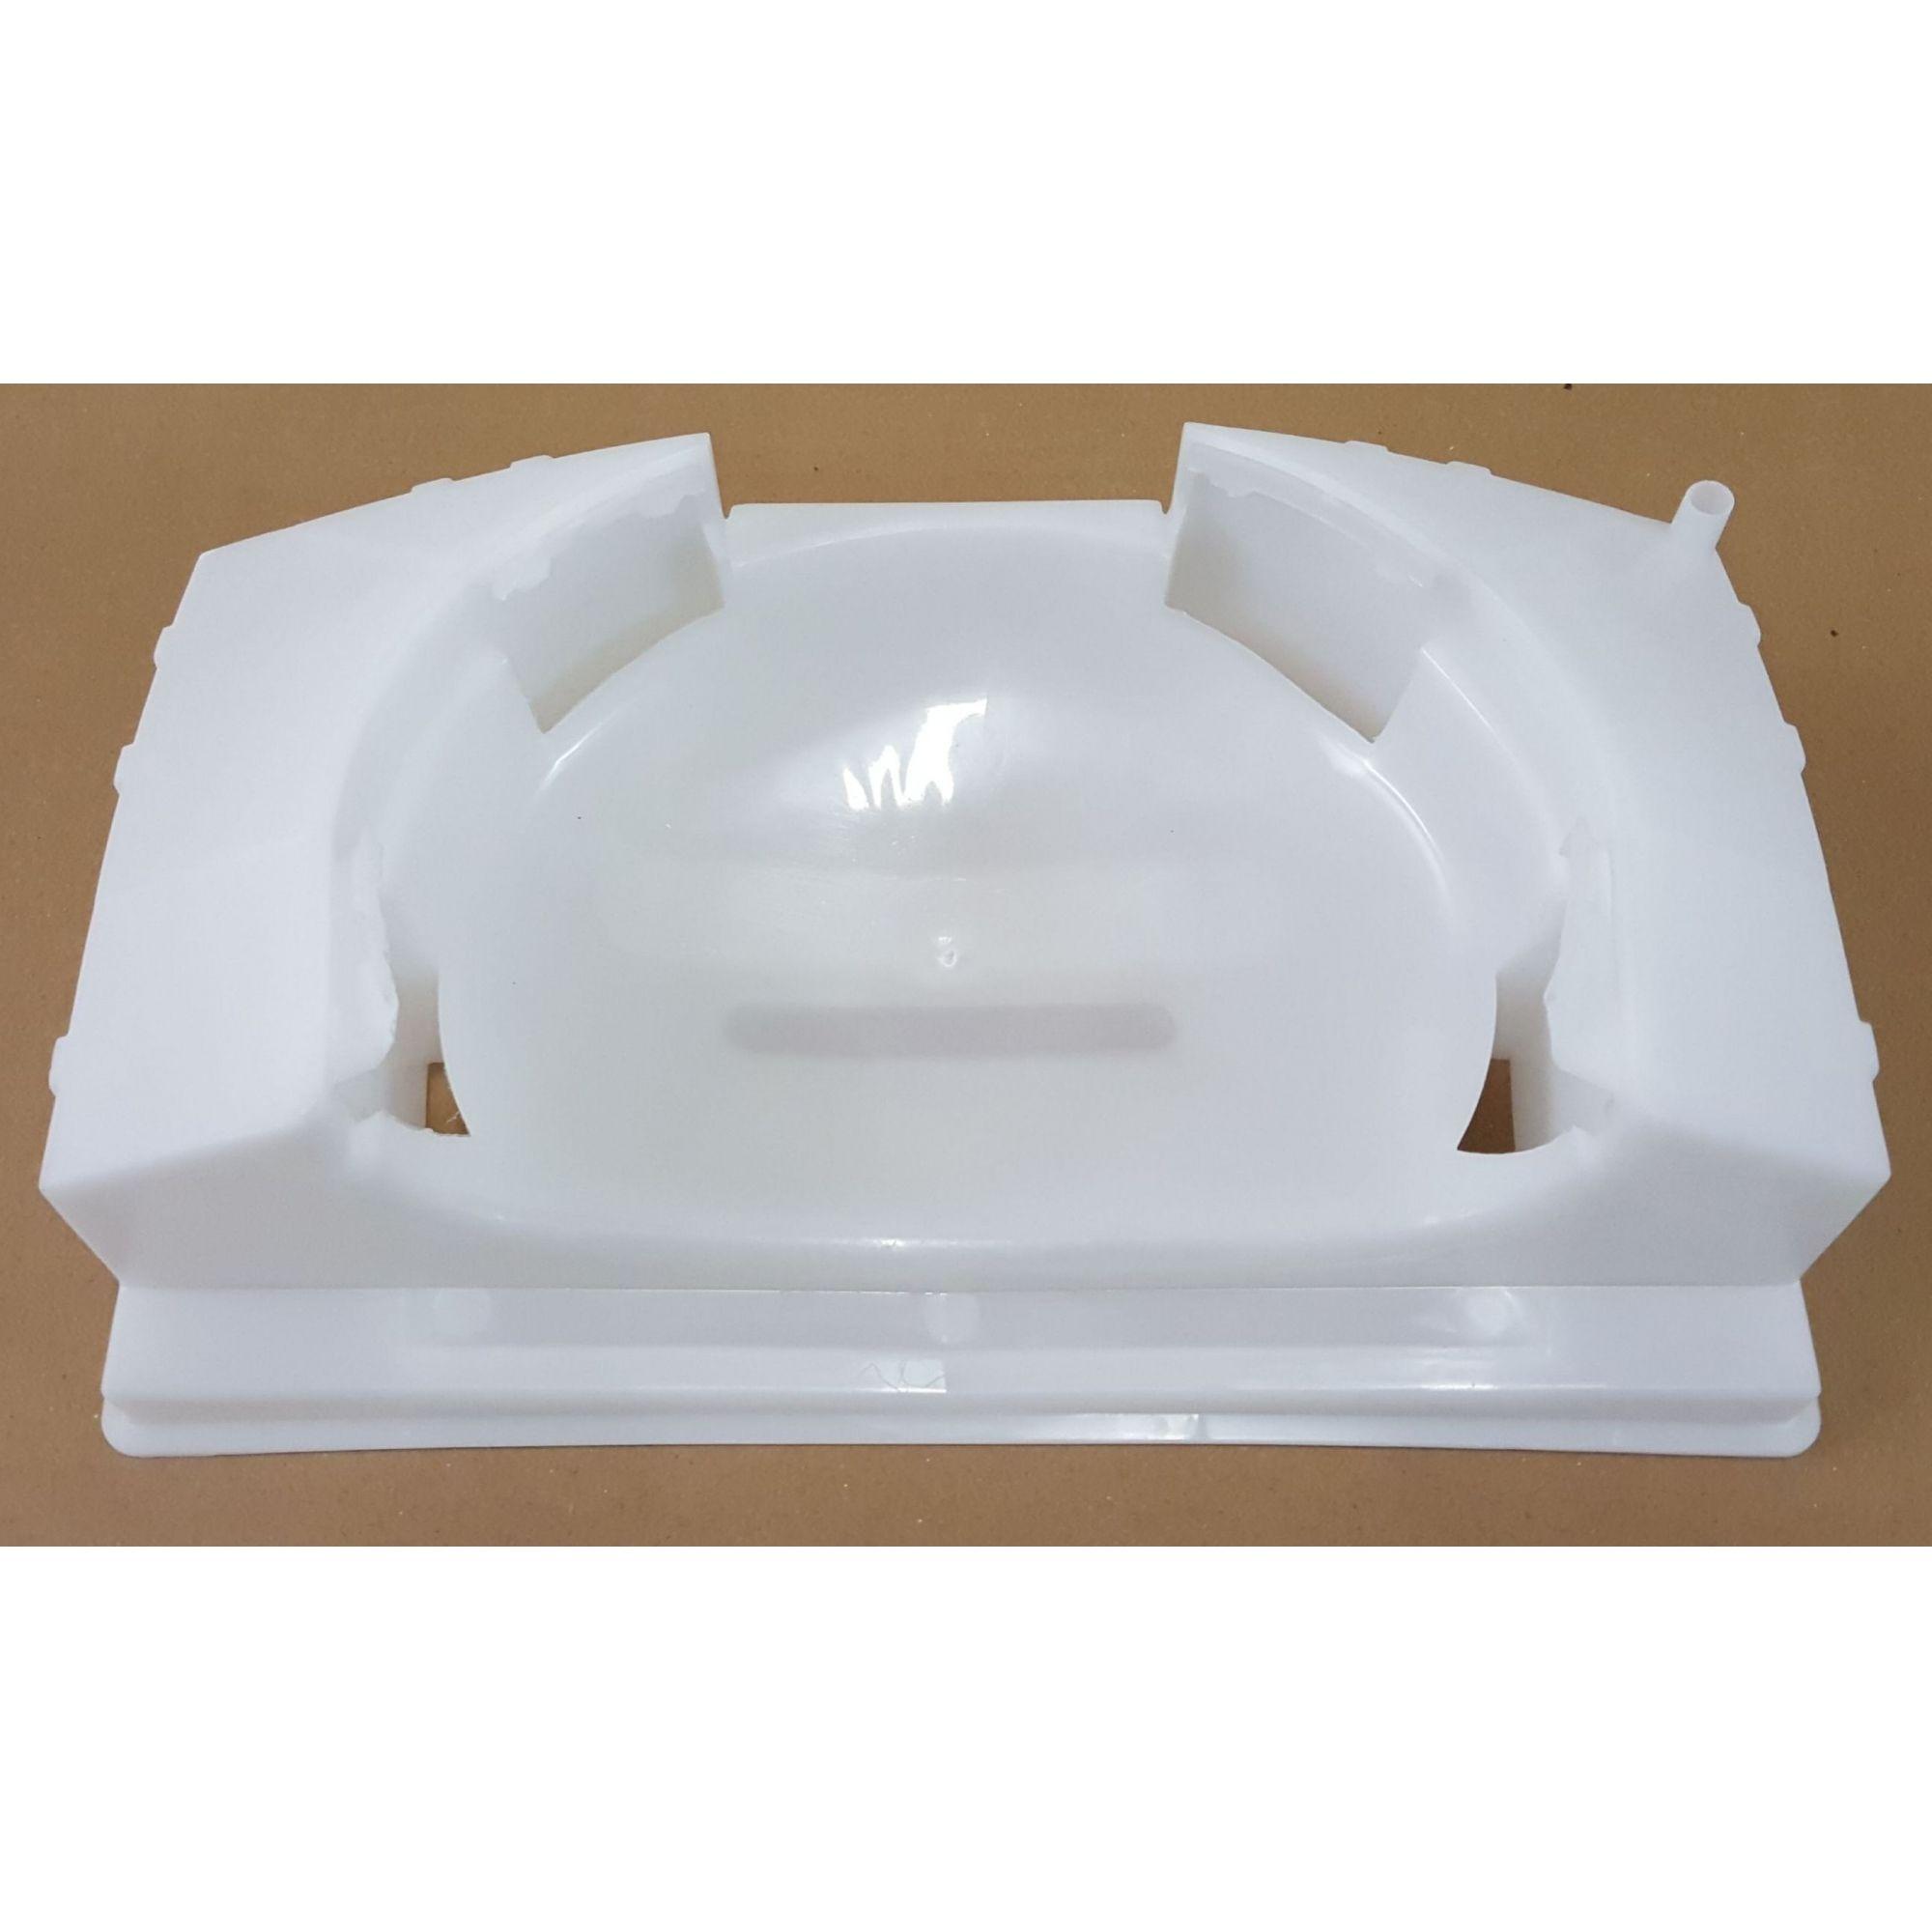 Bandeja Coletora De Água Do Motor Embraco para Geladeira e Freezer